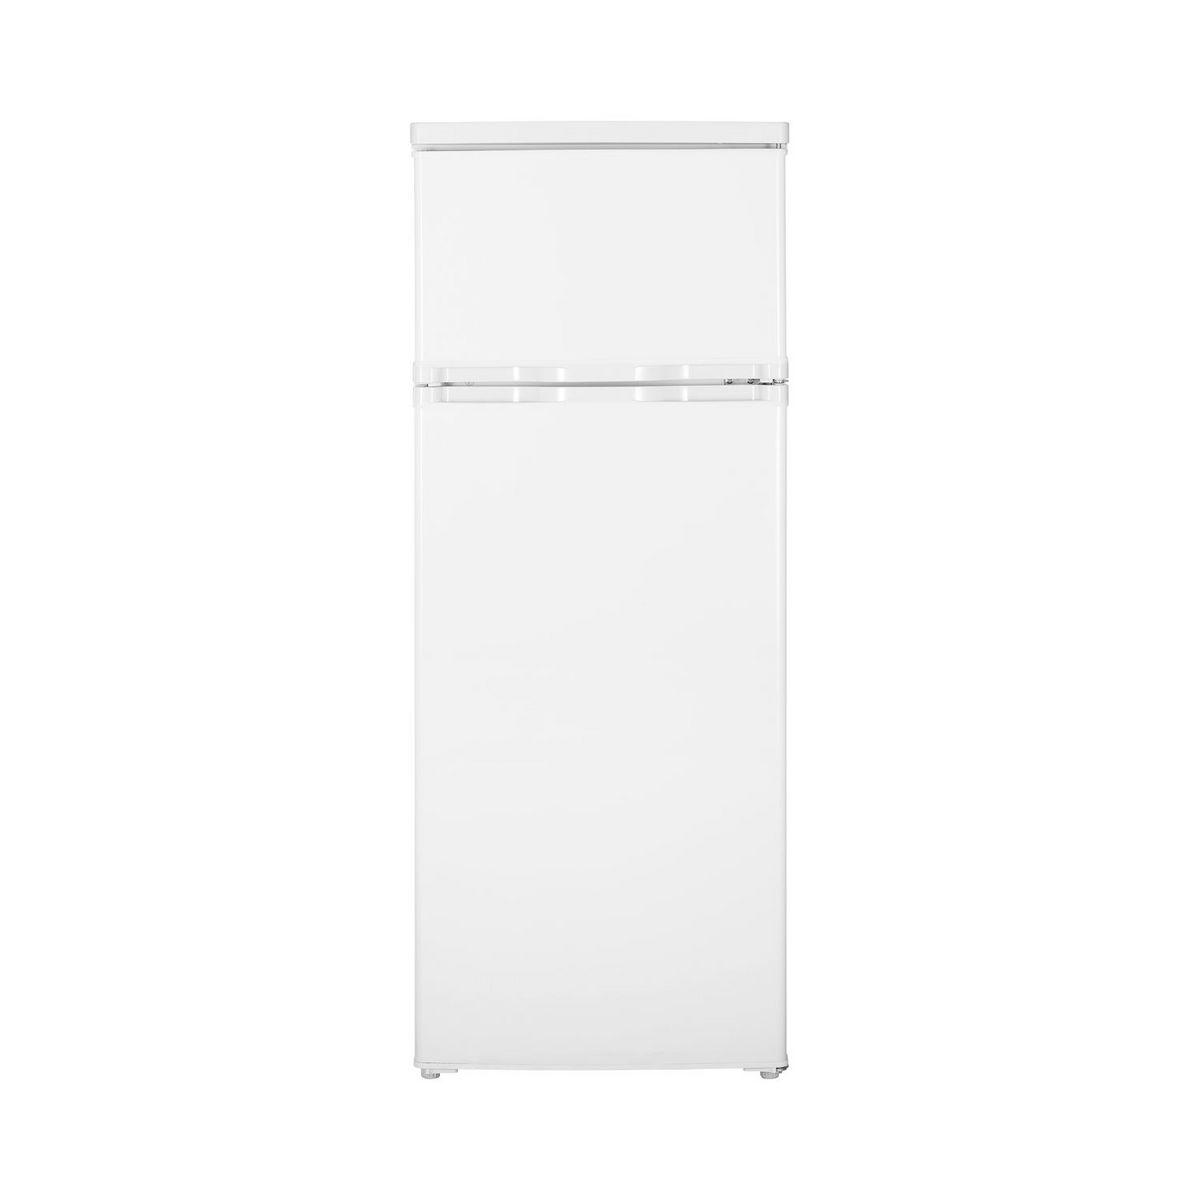 Réfrigérateur combiné 154596, 207 L, Froid statique